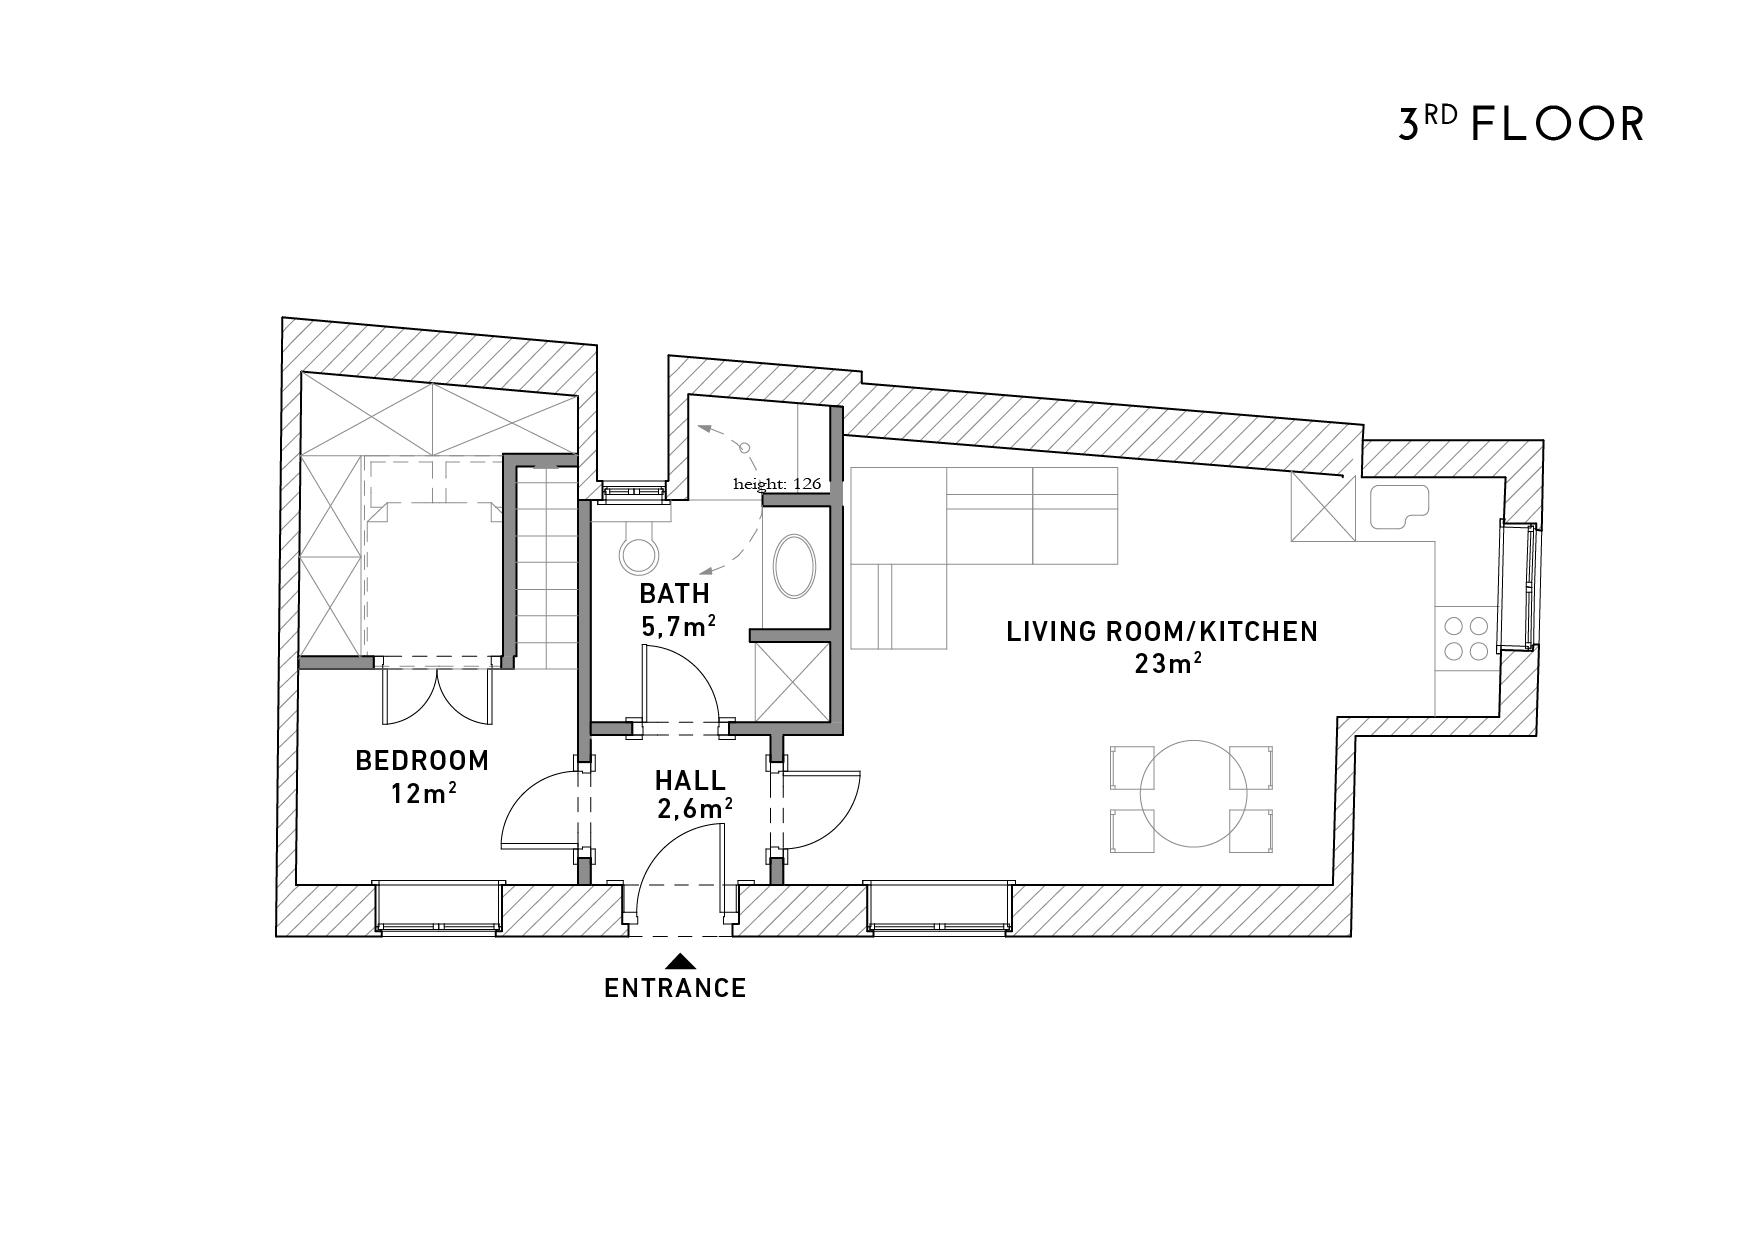 PE16-floorplan17-04.jpg